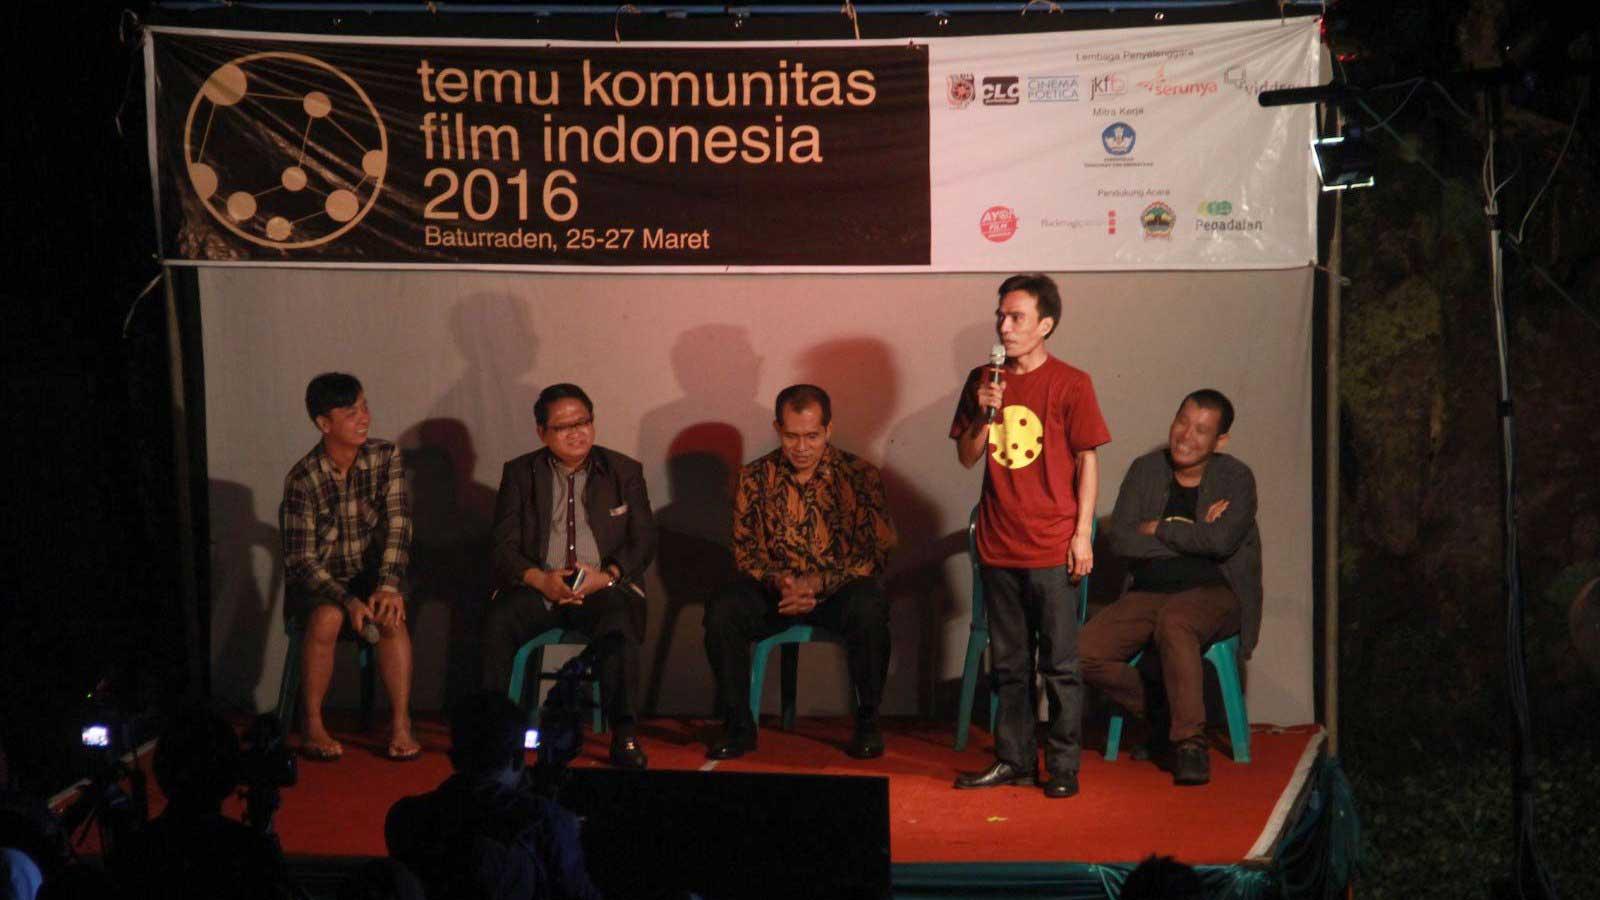 Maman Wijaya (berdiri) bersama Dimas Jayasrana, Mujib Rohmat, Abdul Kharis, dan Adrian Jonathan (kiri-kanan) saat presentasi tentang kondisi perfilman Indonesia.